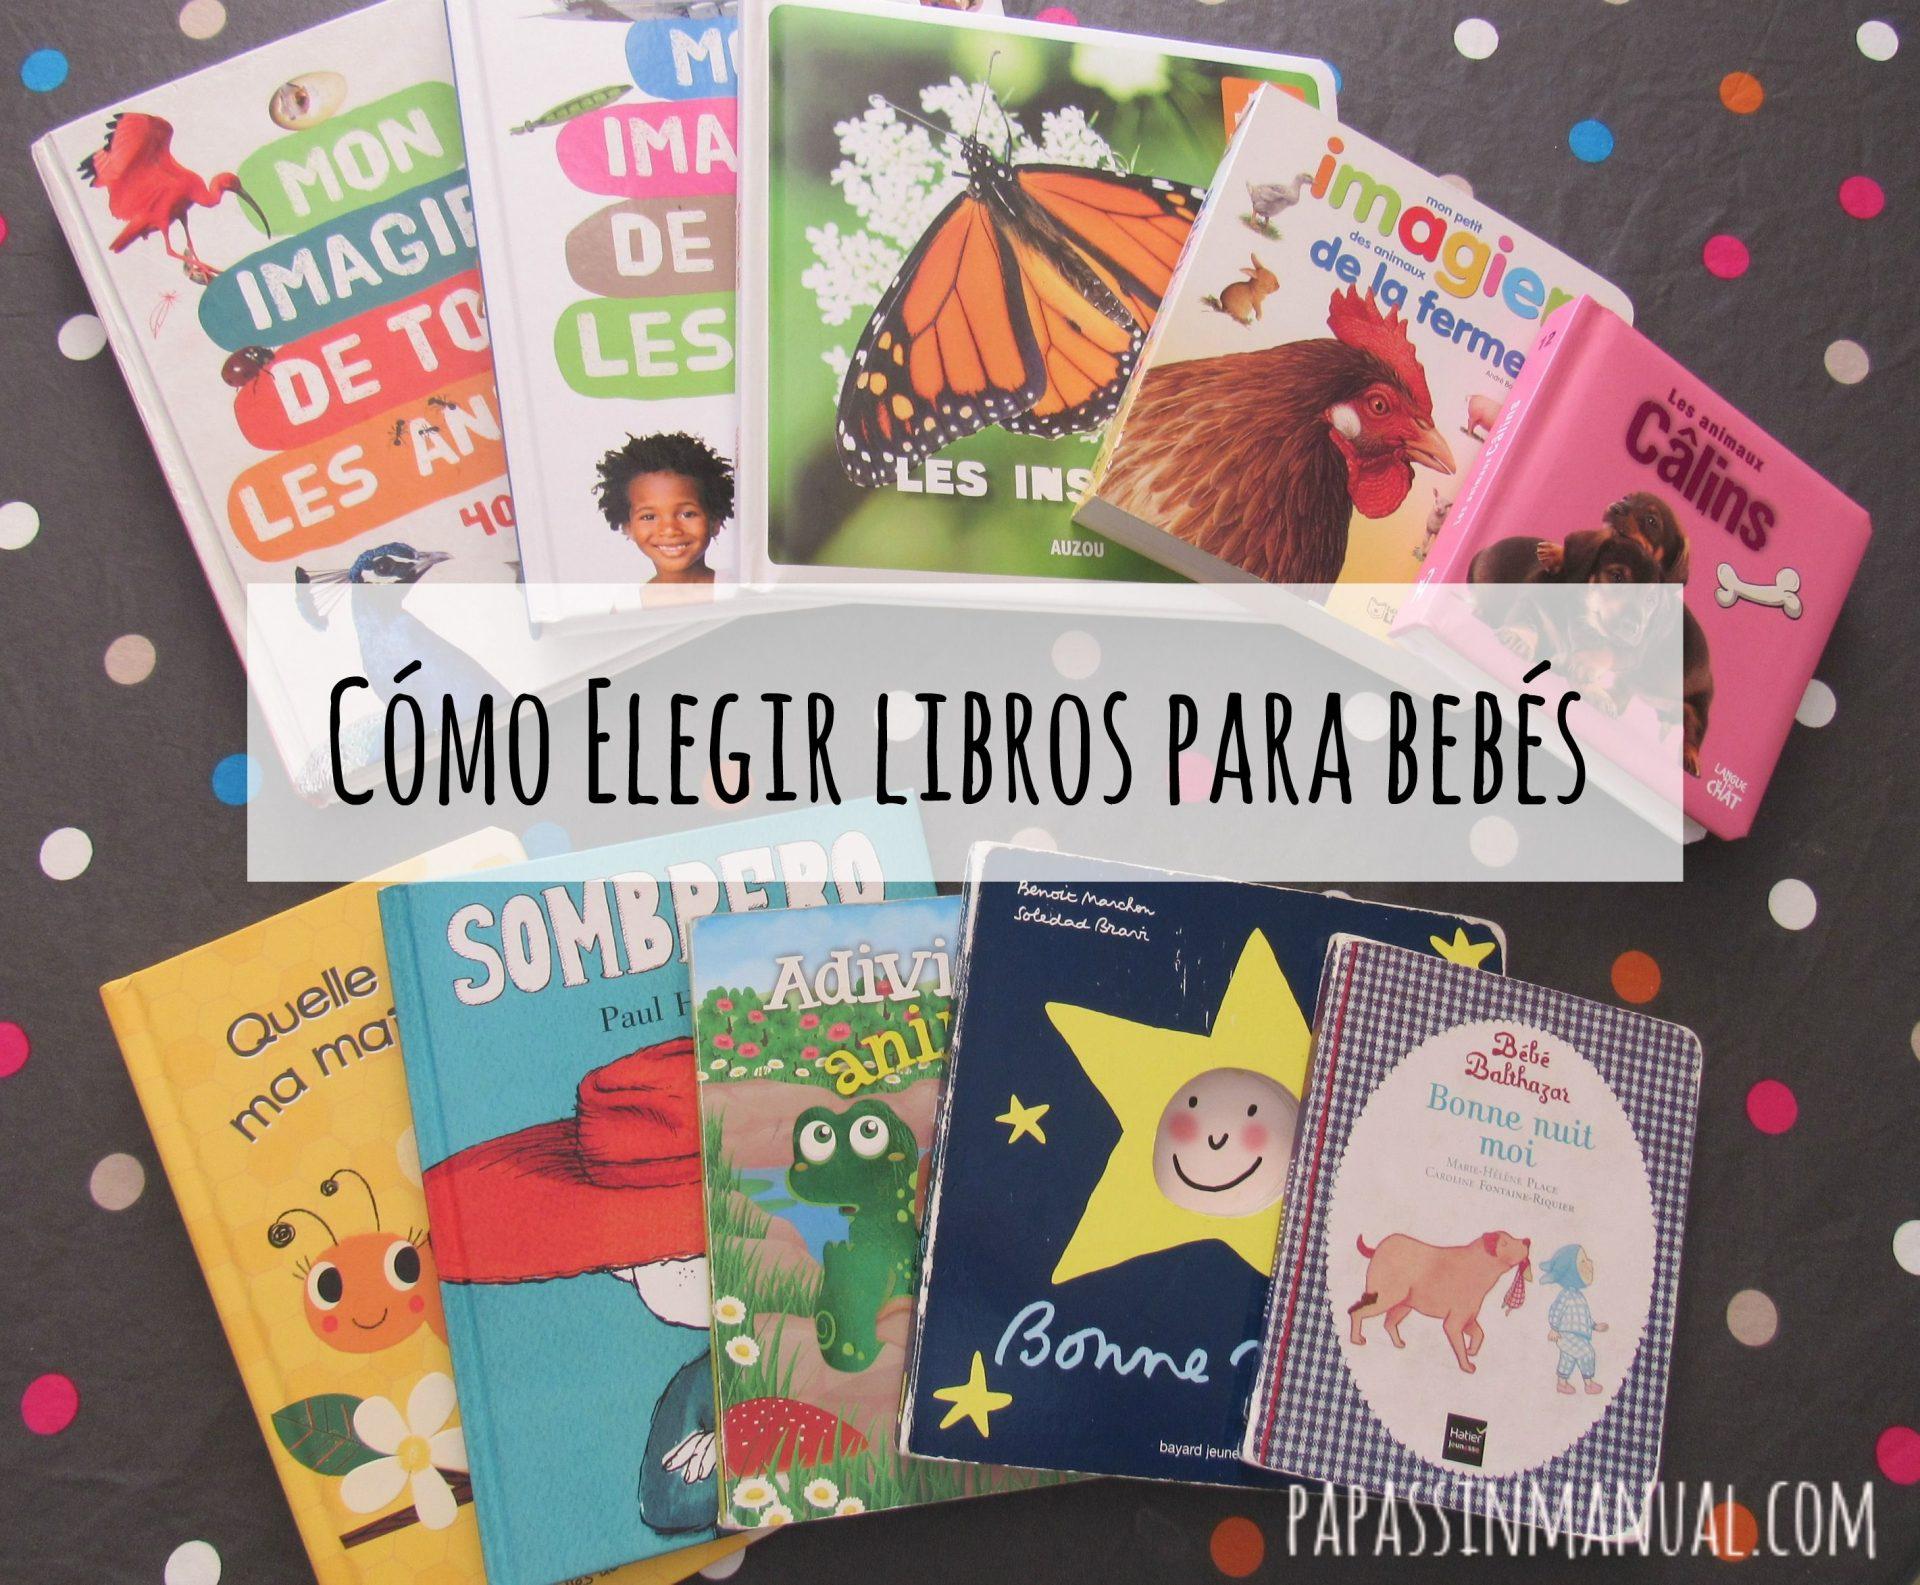 Cómo elegir los libros para bebés?